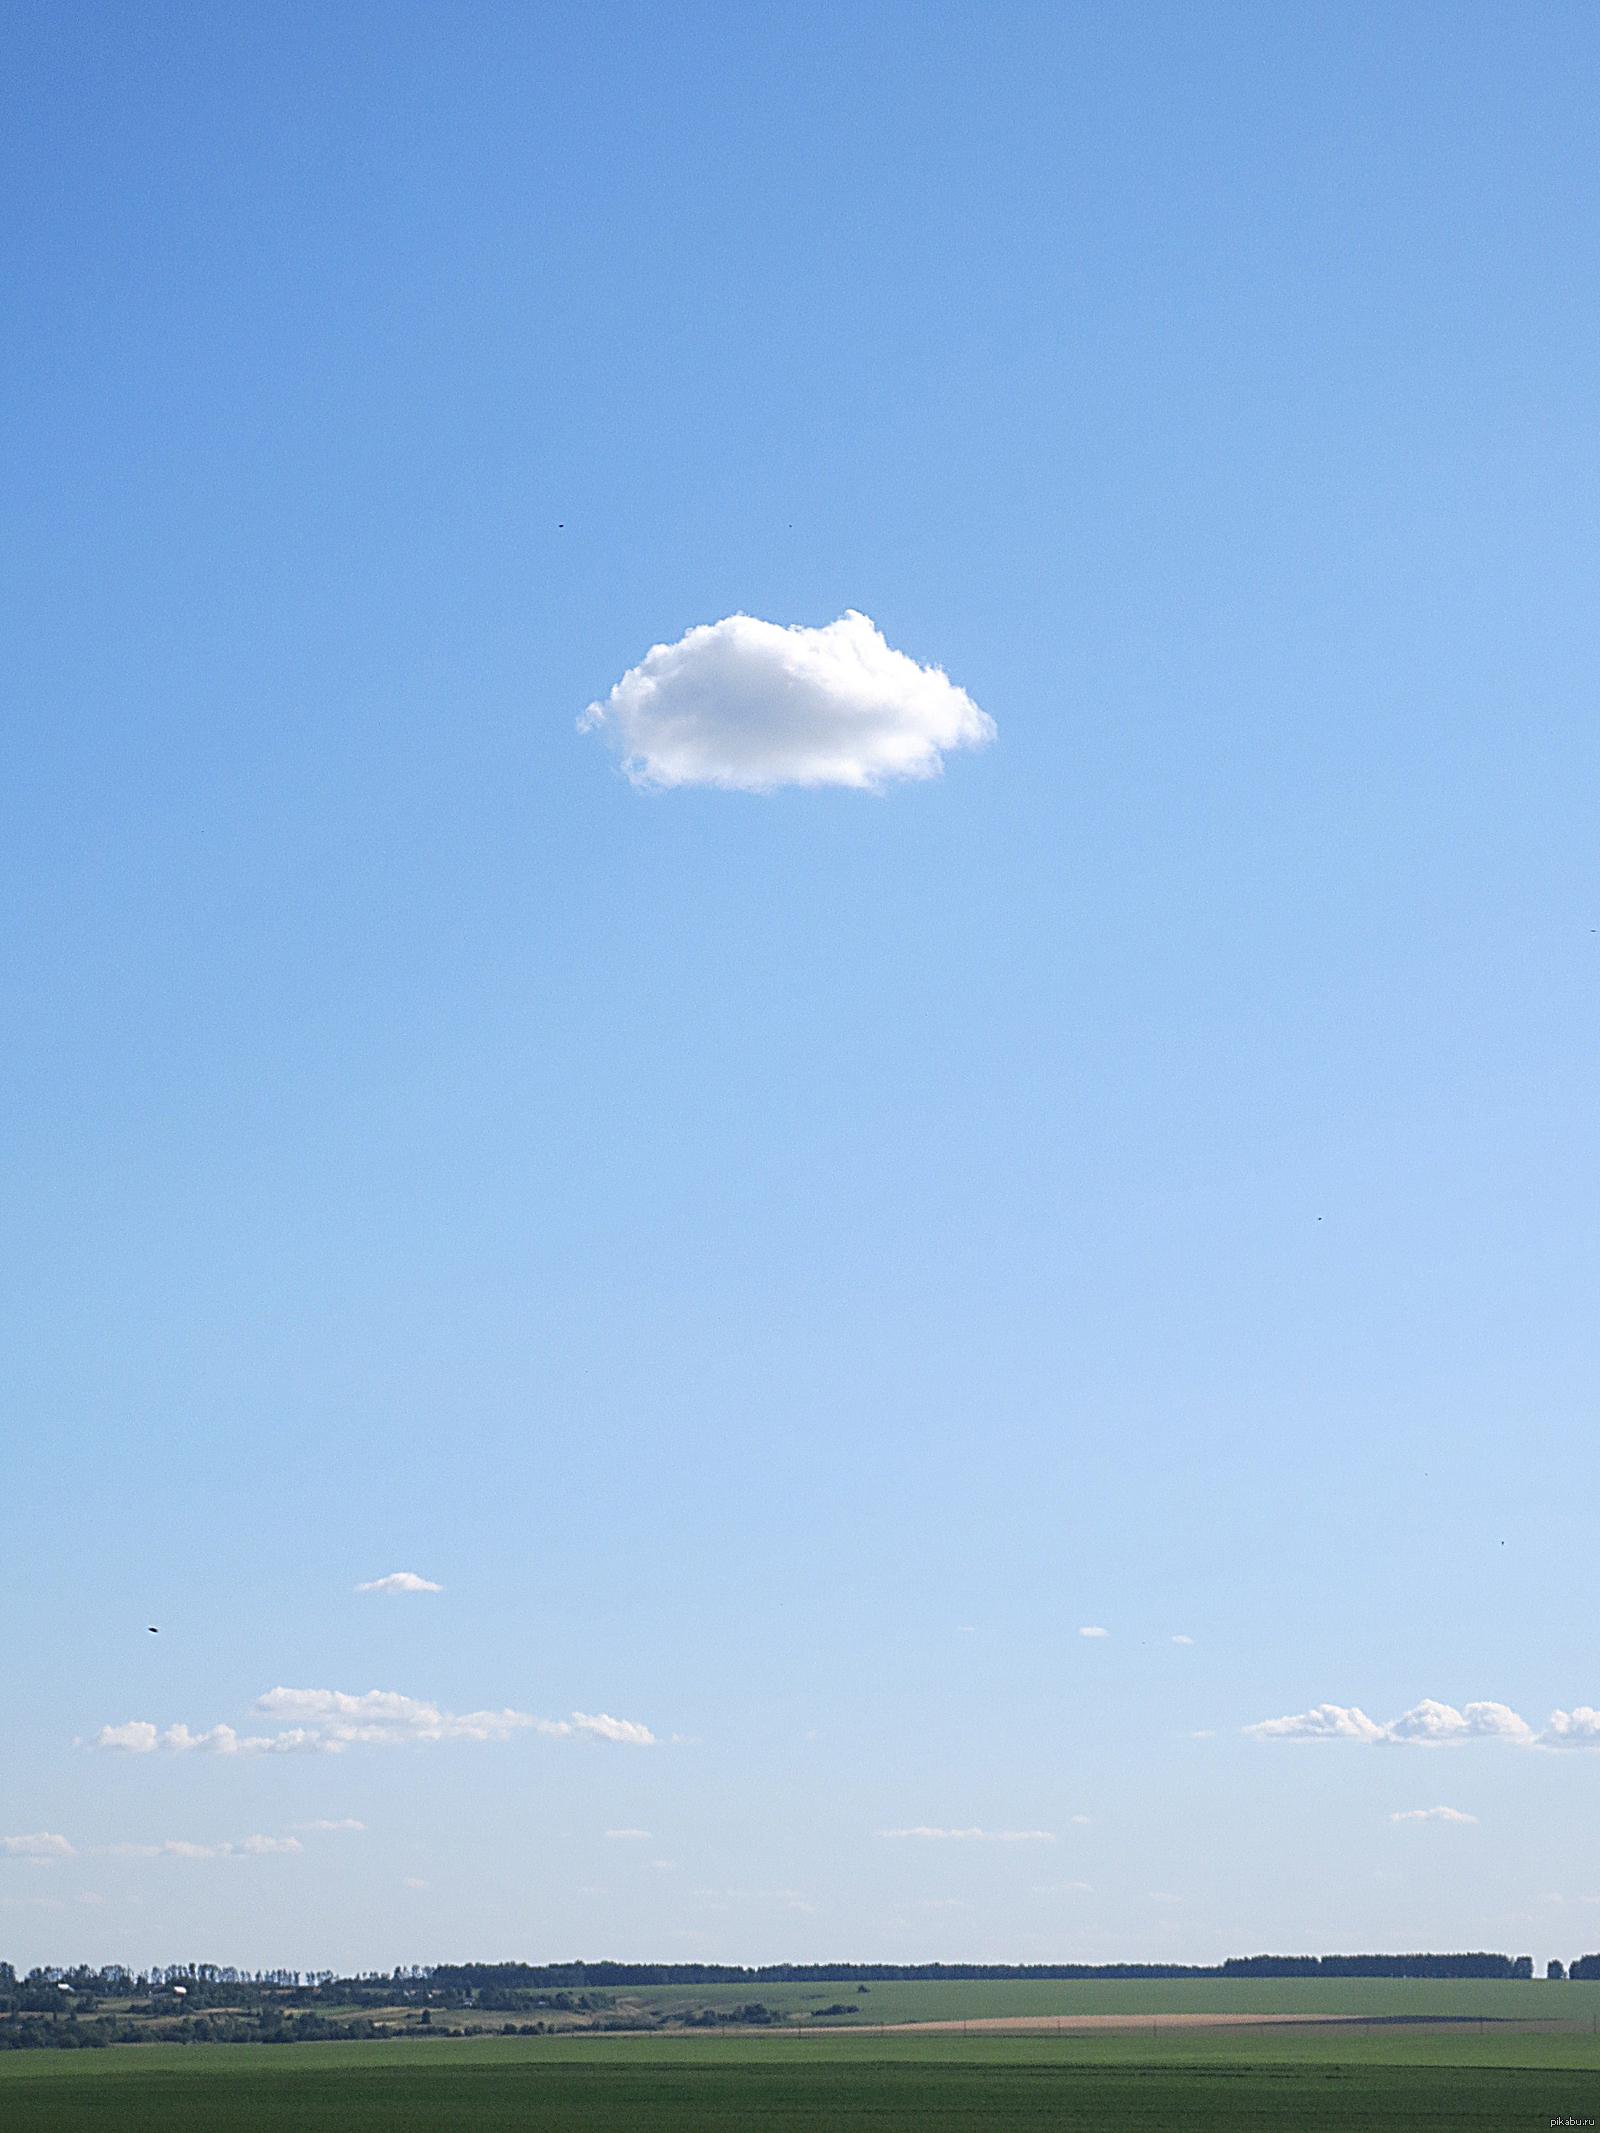 сразу картинки мелкие облака оставил поклонникам никакого